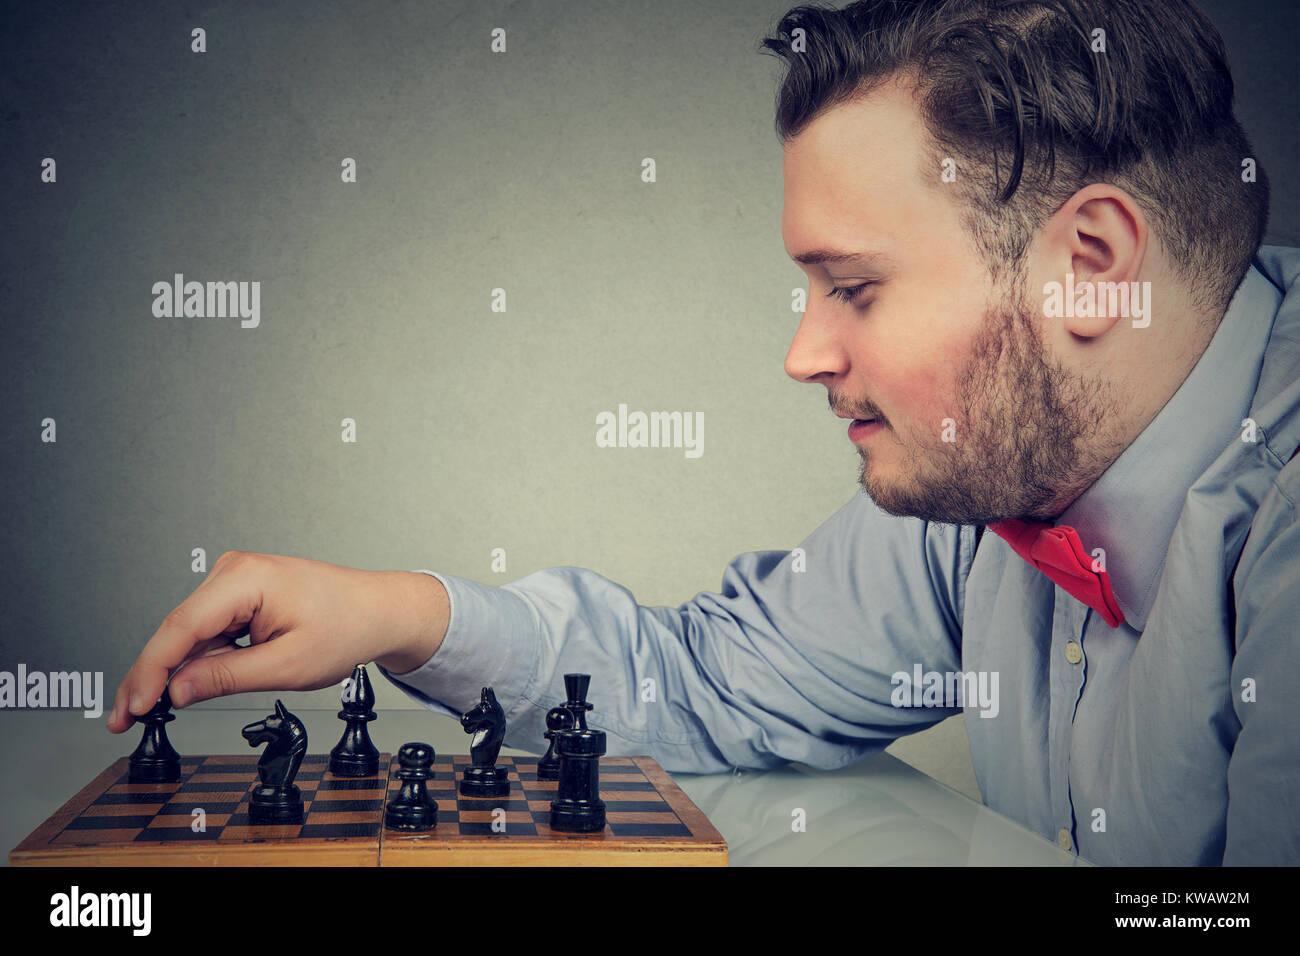 Jeune homme chunky concentrés sur la stratégie de construction tout en jouant aux échecs. Photo Stock